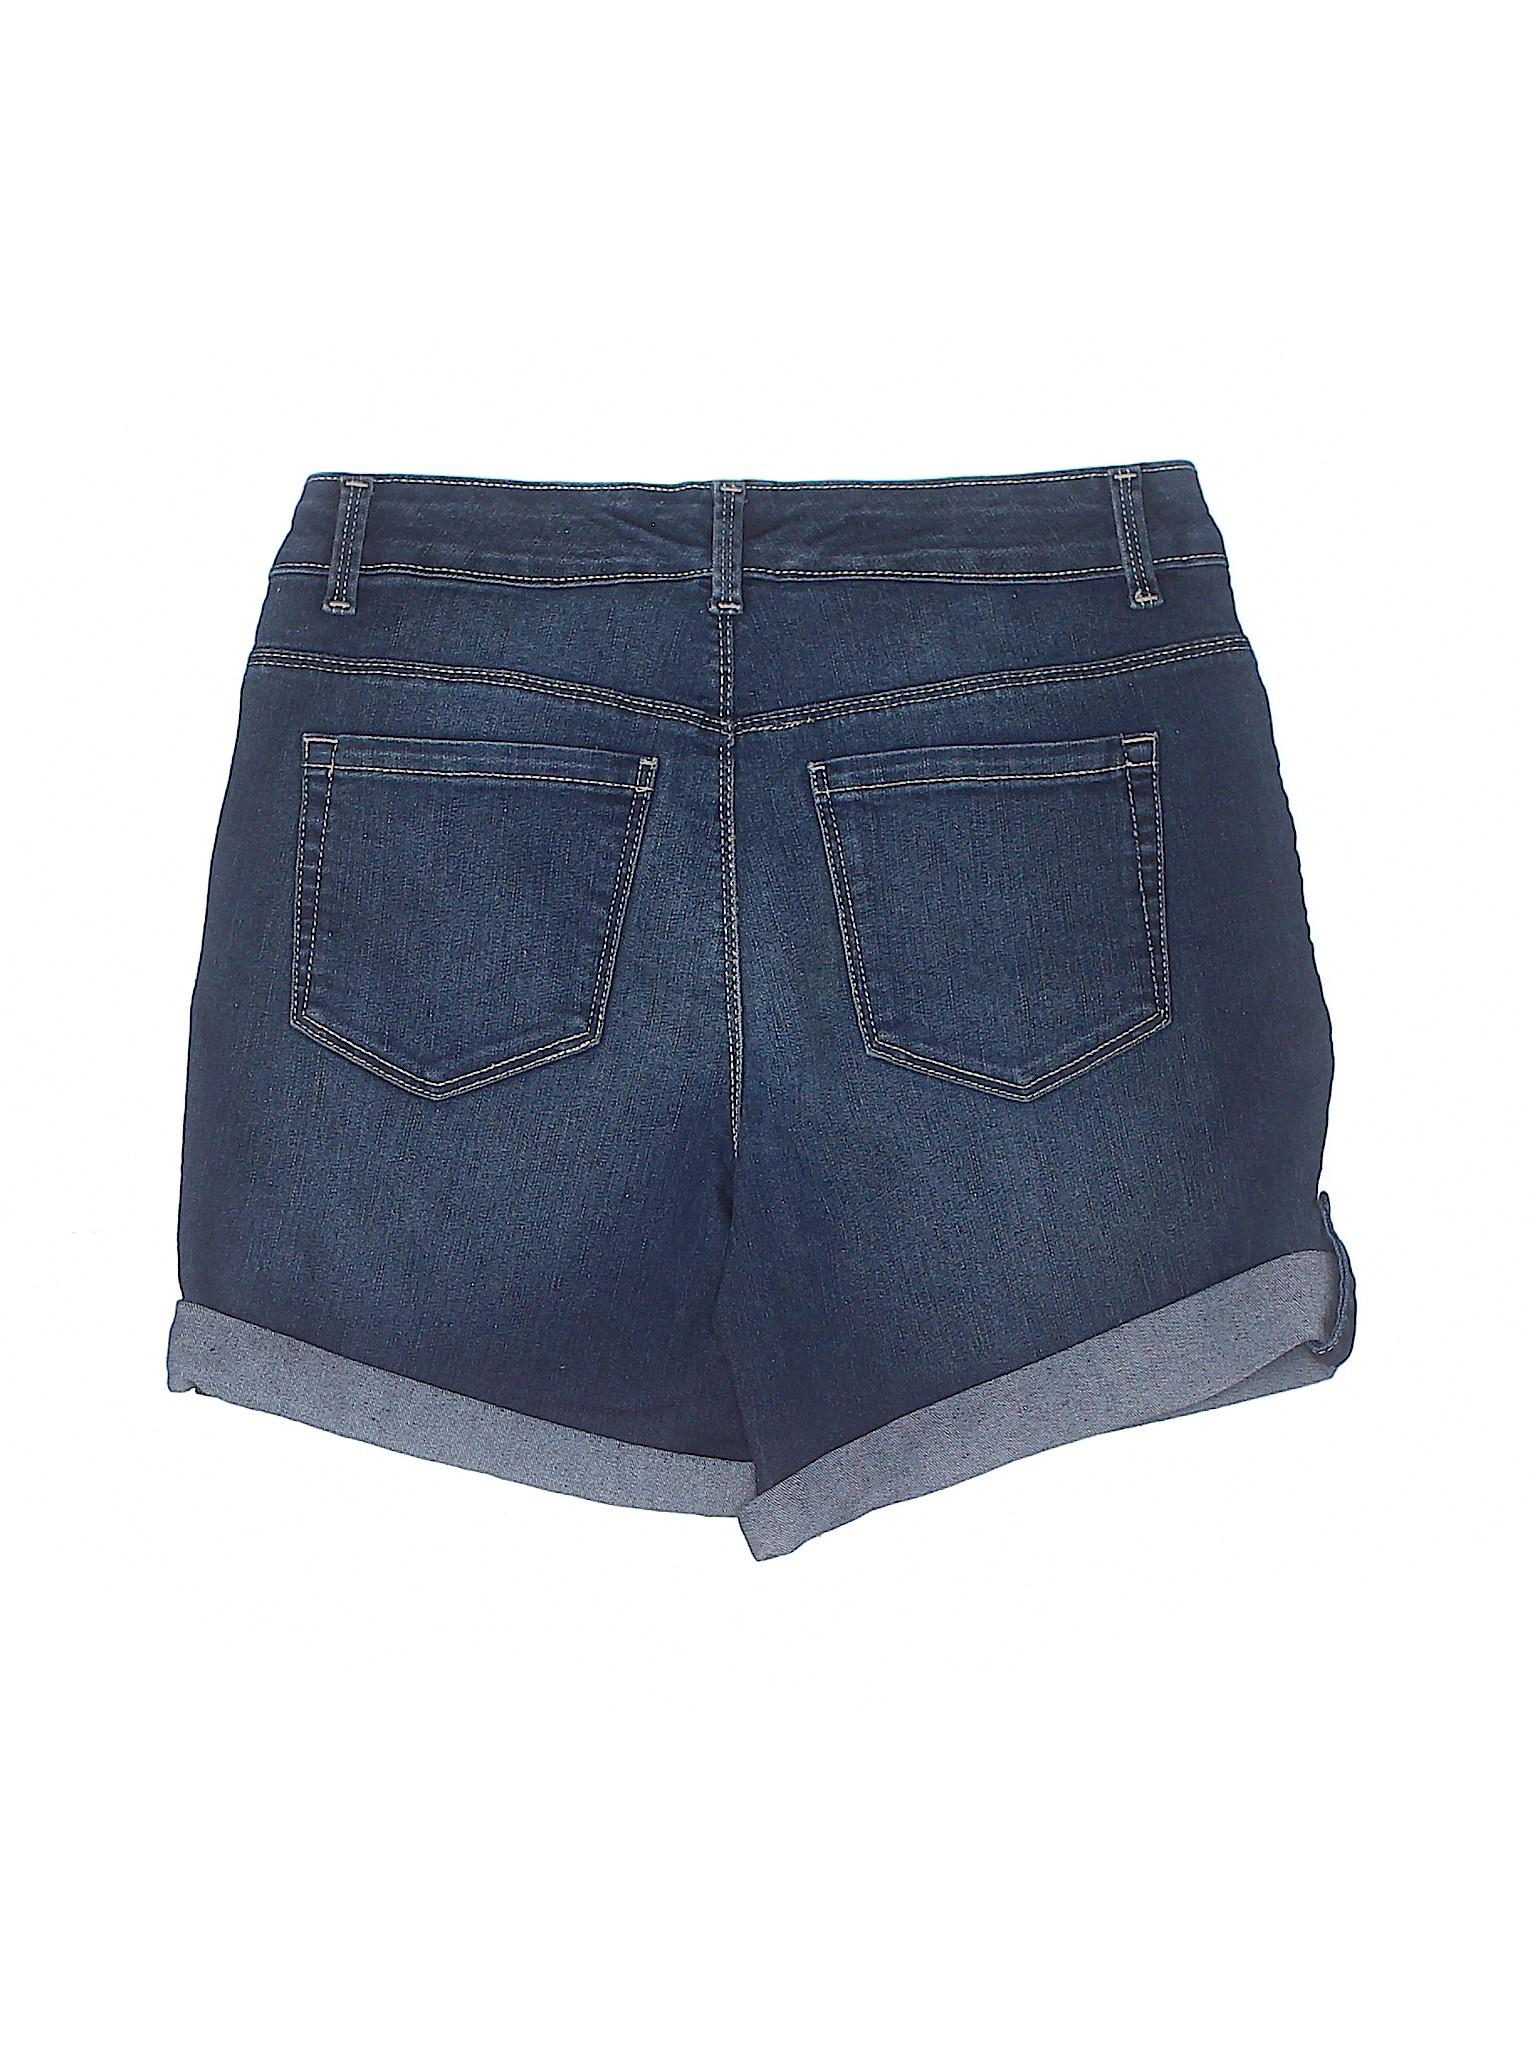 Nine Denim West Nine Shorts Boutique Boutique Denim West 4wErwxqnTv